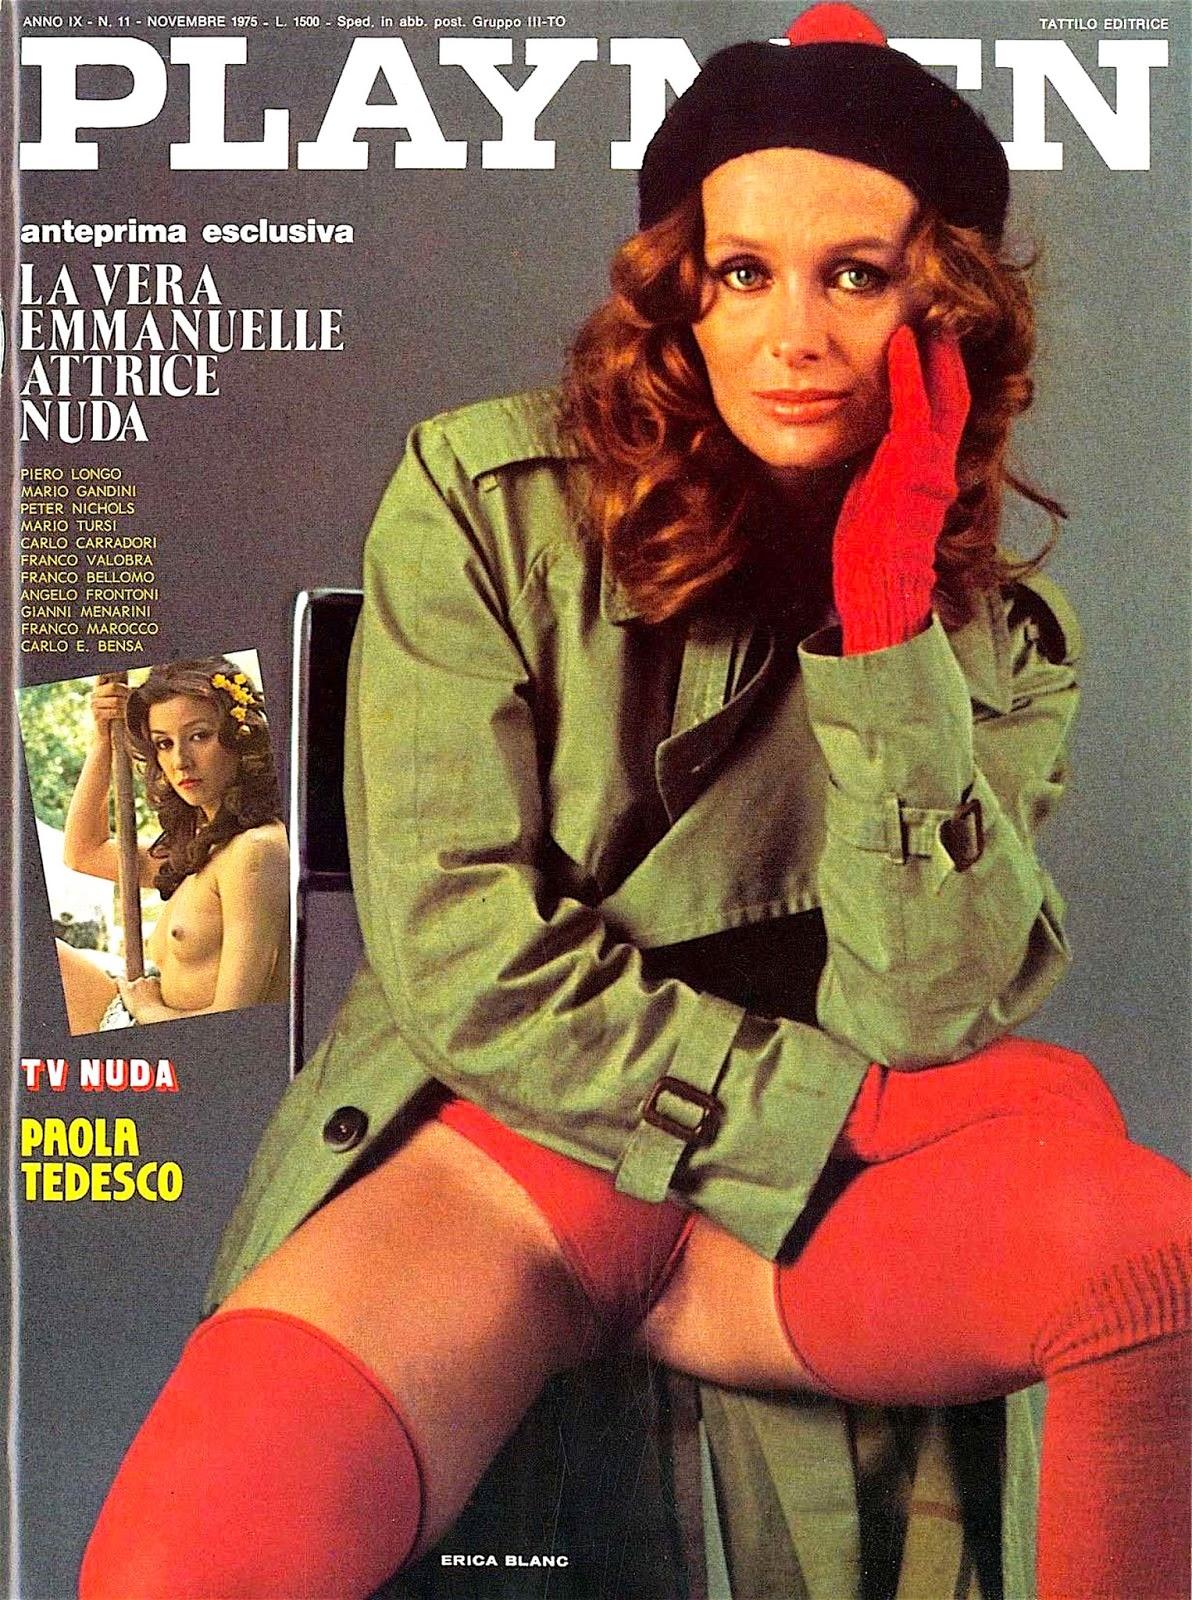 Dei giochi erotici 1979 - 1 part 8